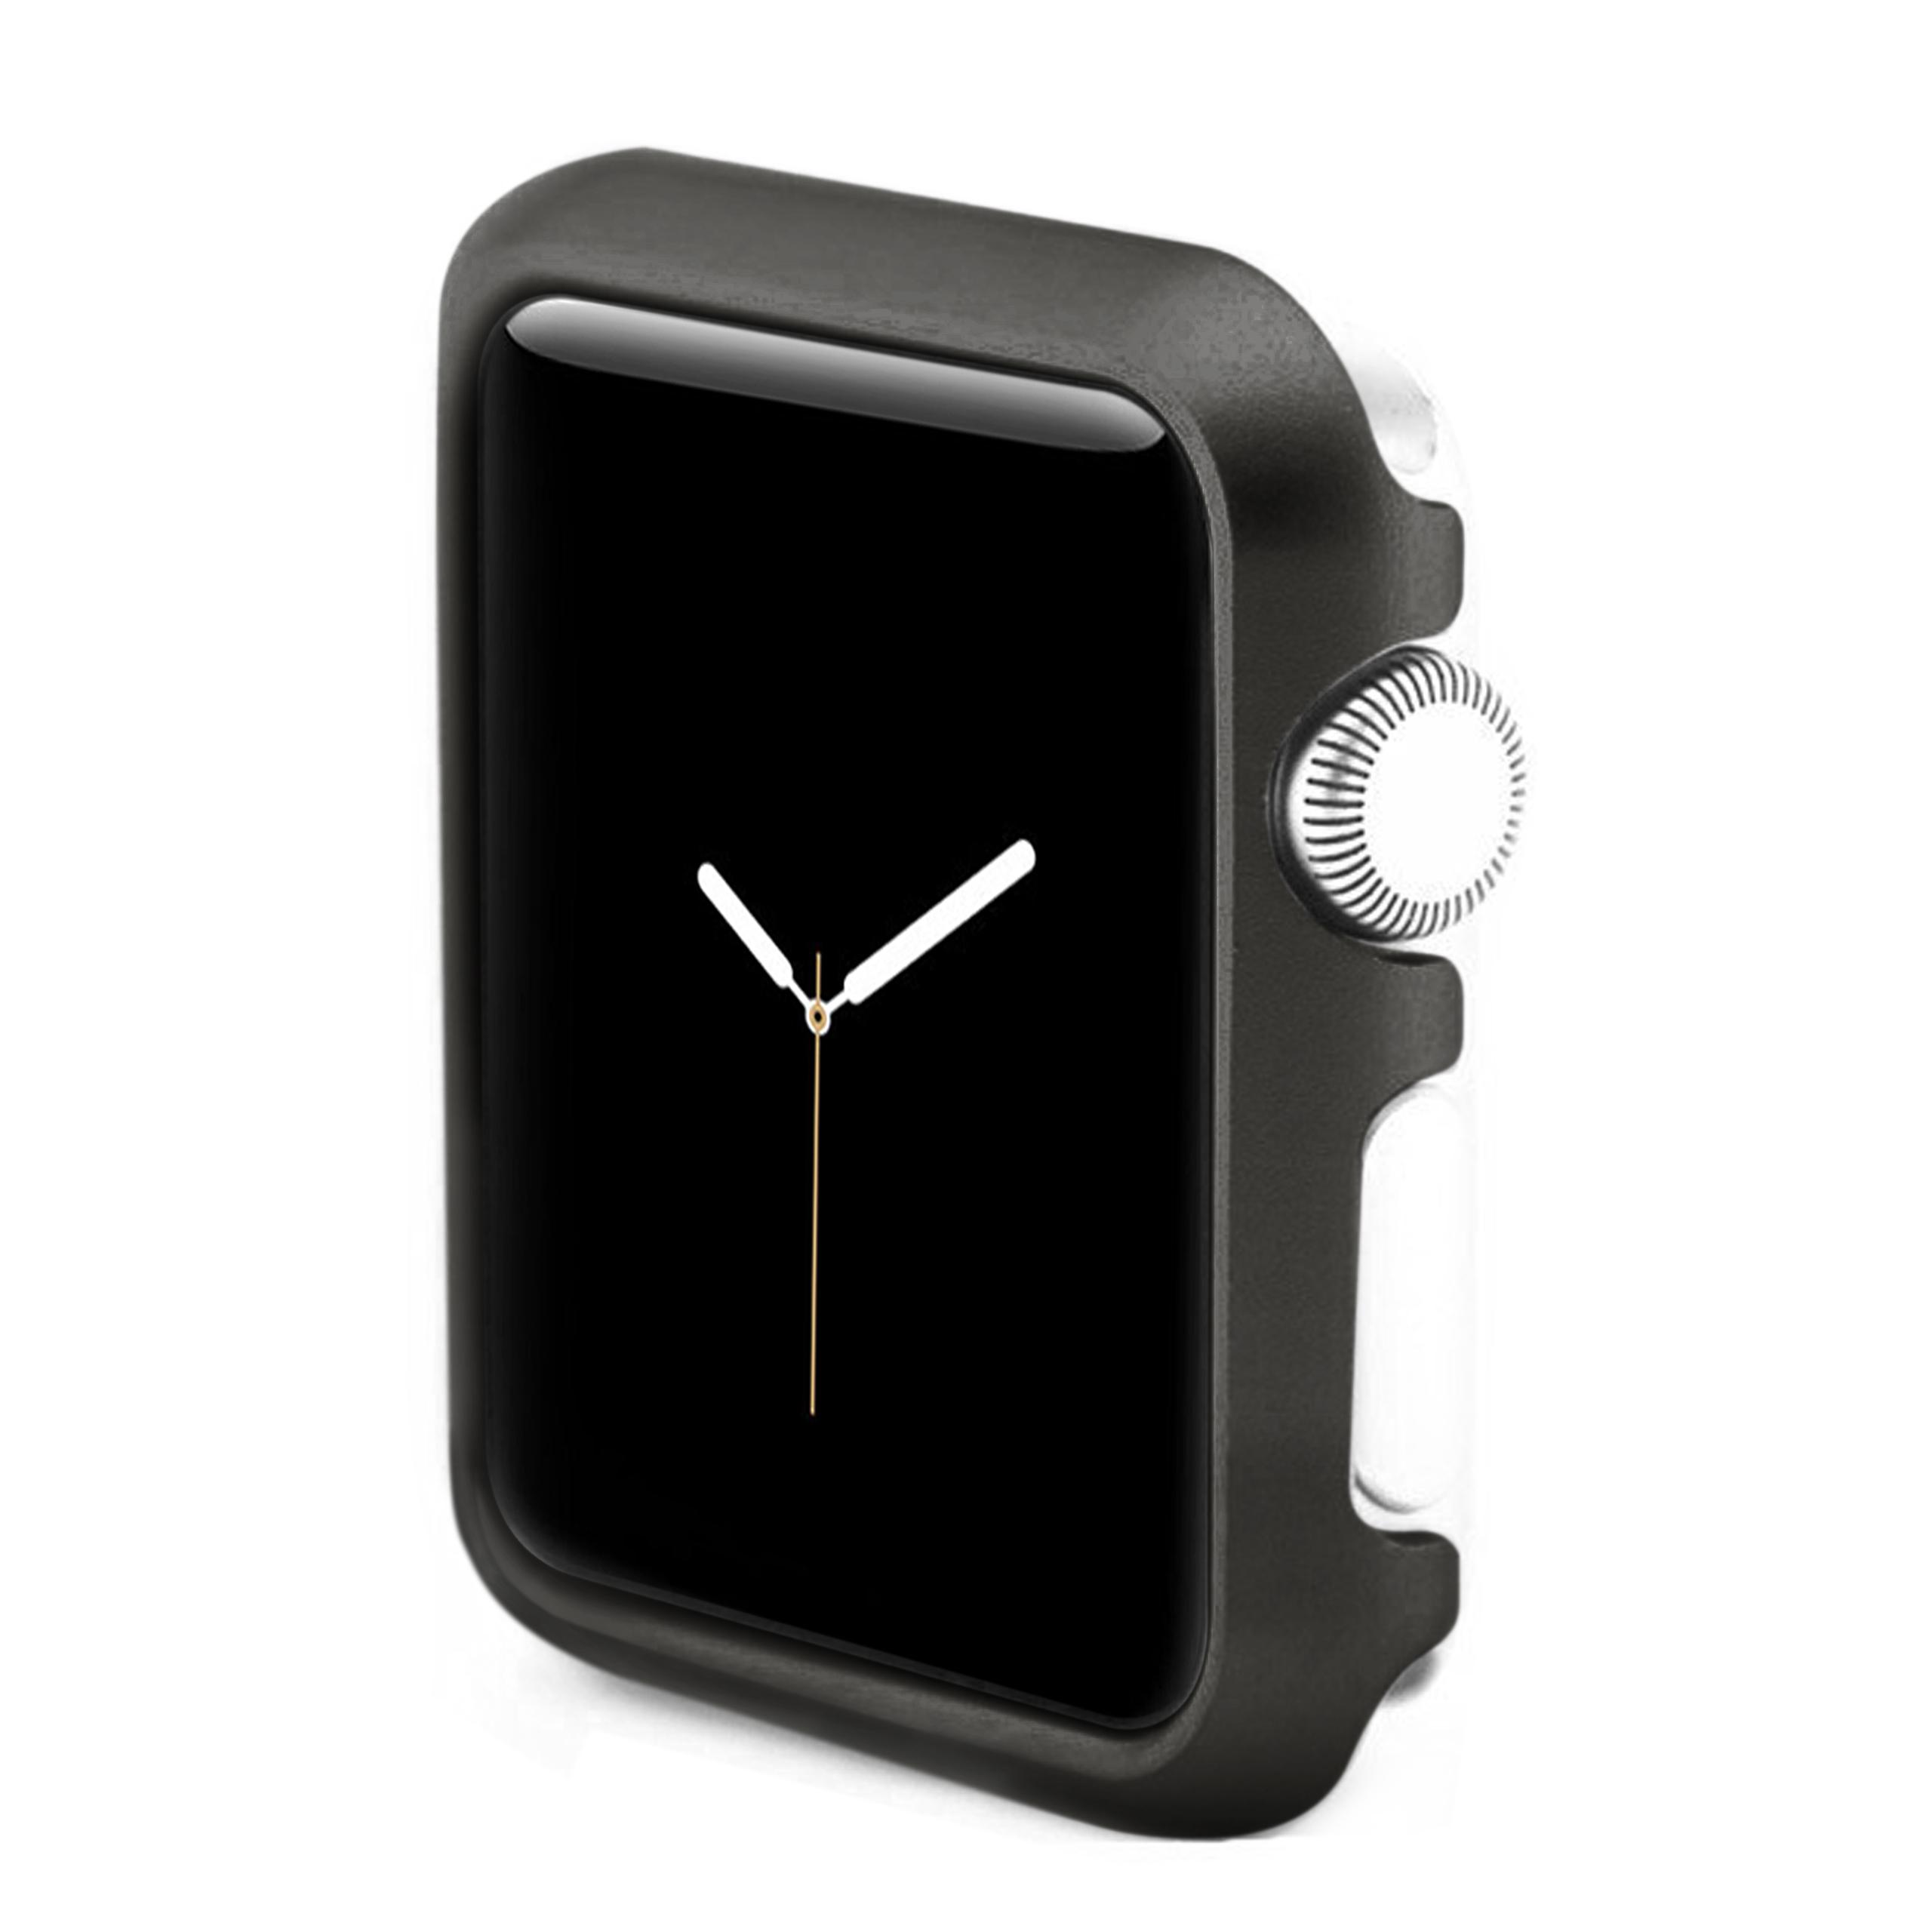 Apple Watch 4 - 44mm Hülle in Schwarz aus Aluminium von moodie